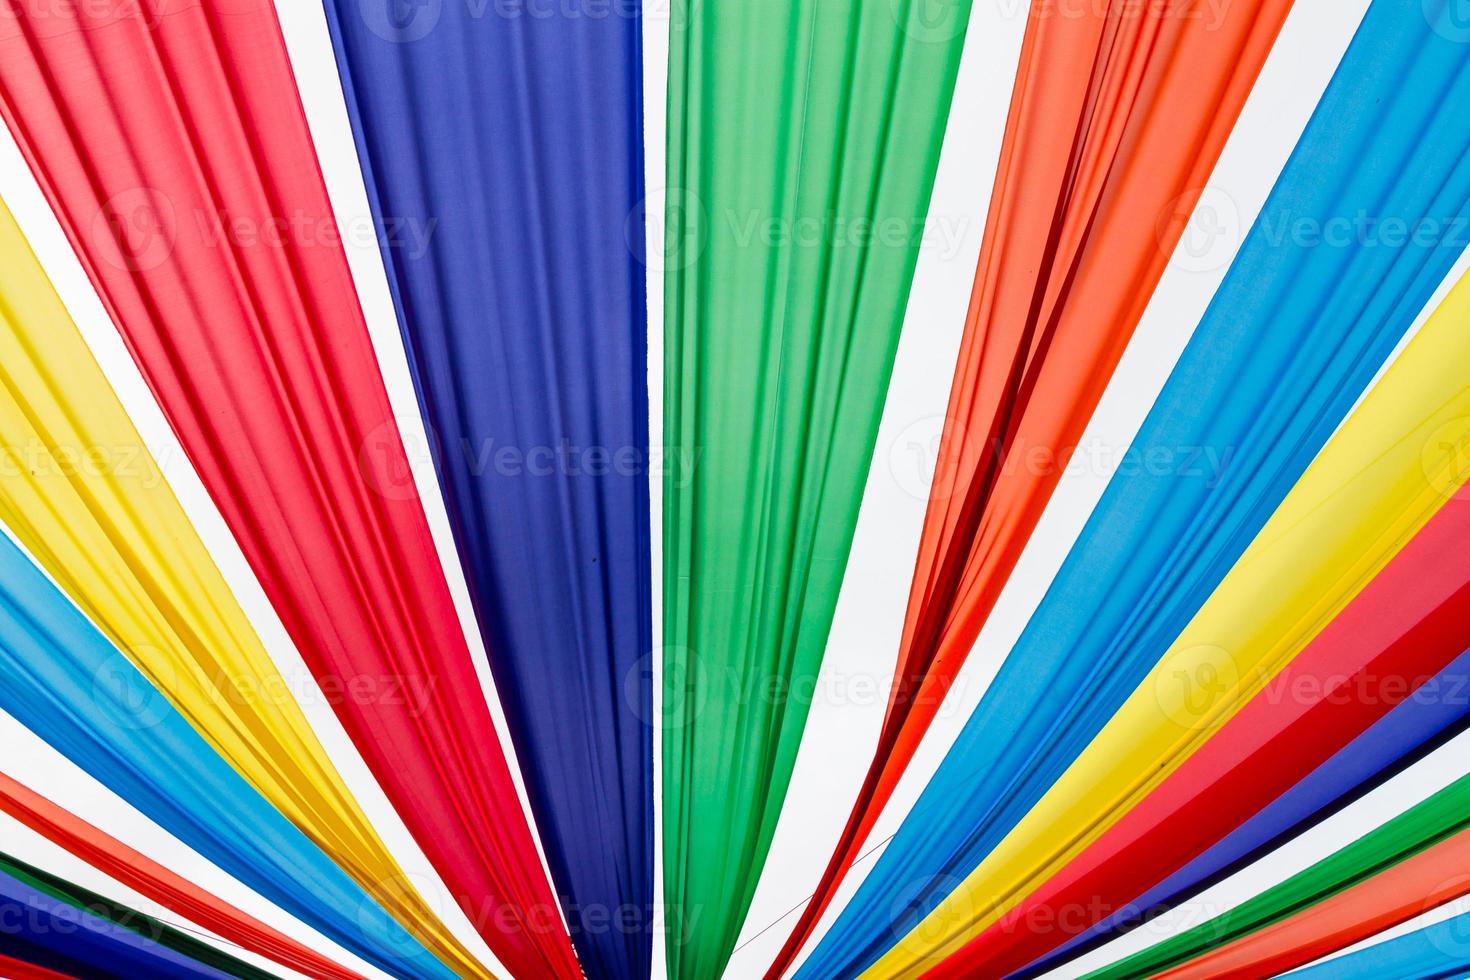 tissu multicolore photo